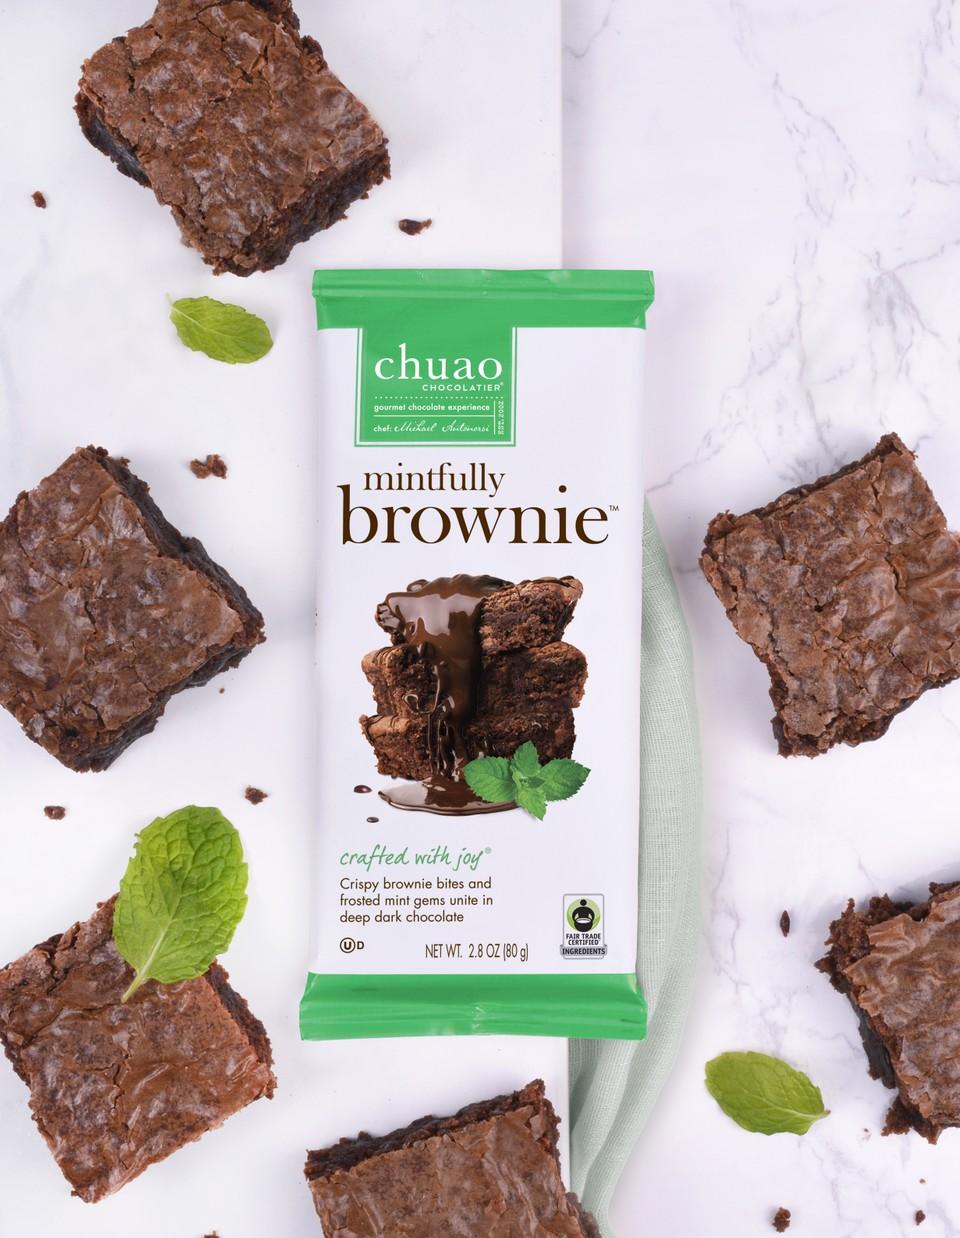 mintfully brownie